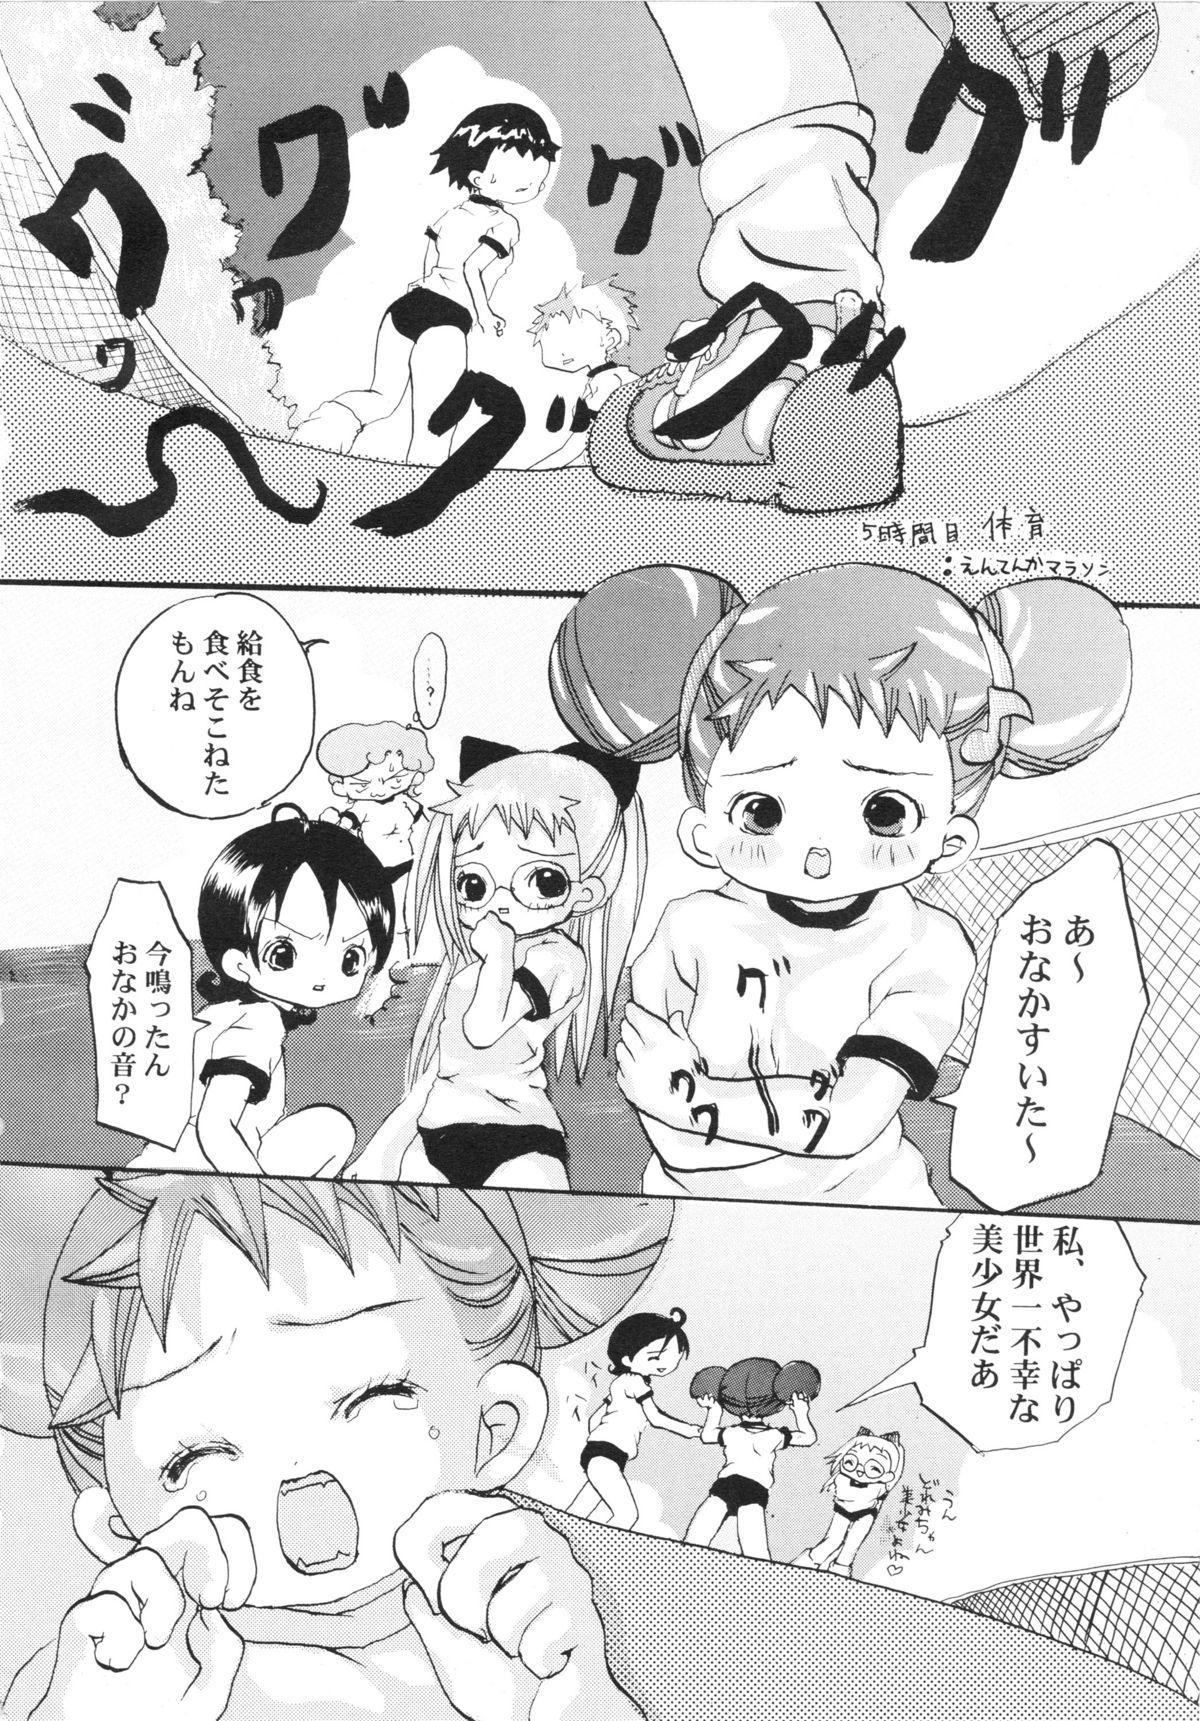 Hazuki 37